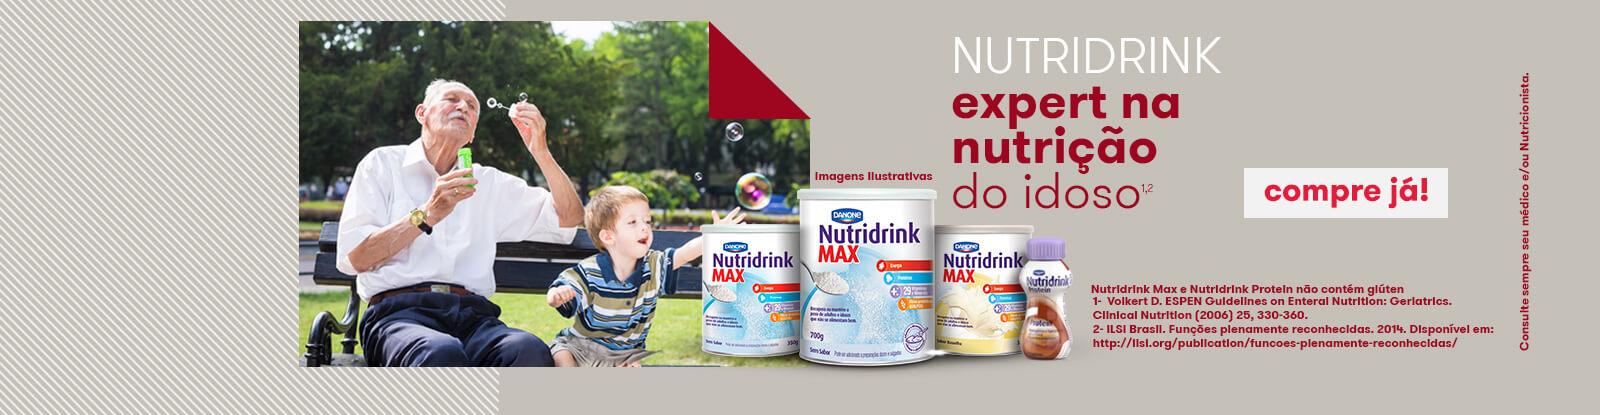 Nutridrink